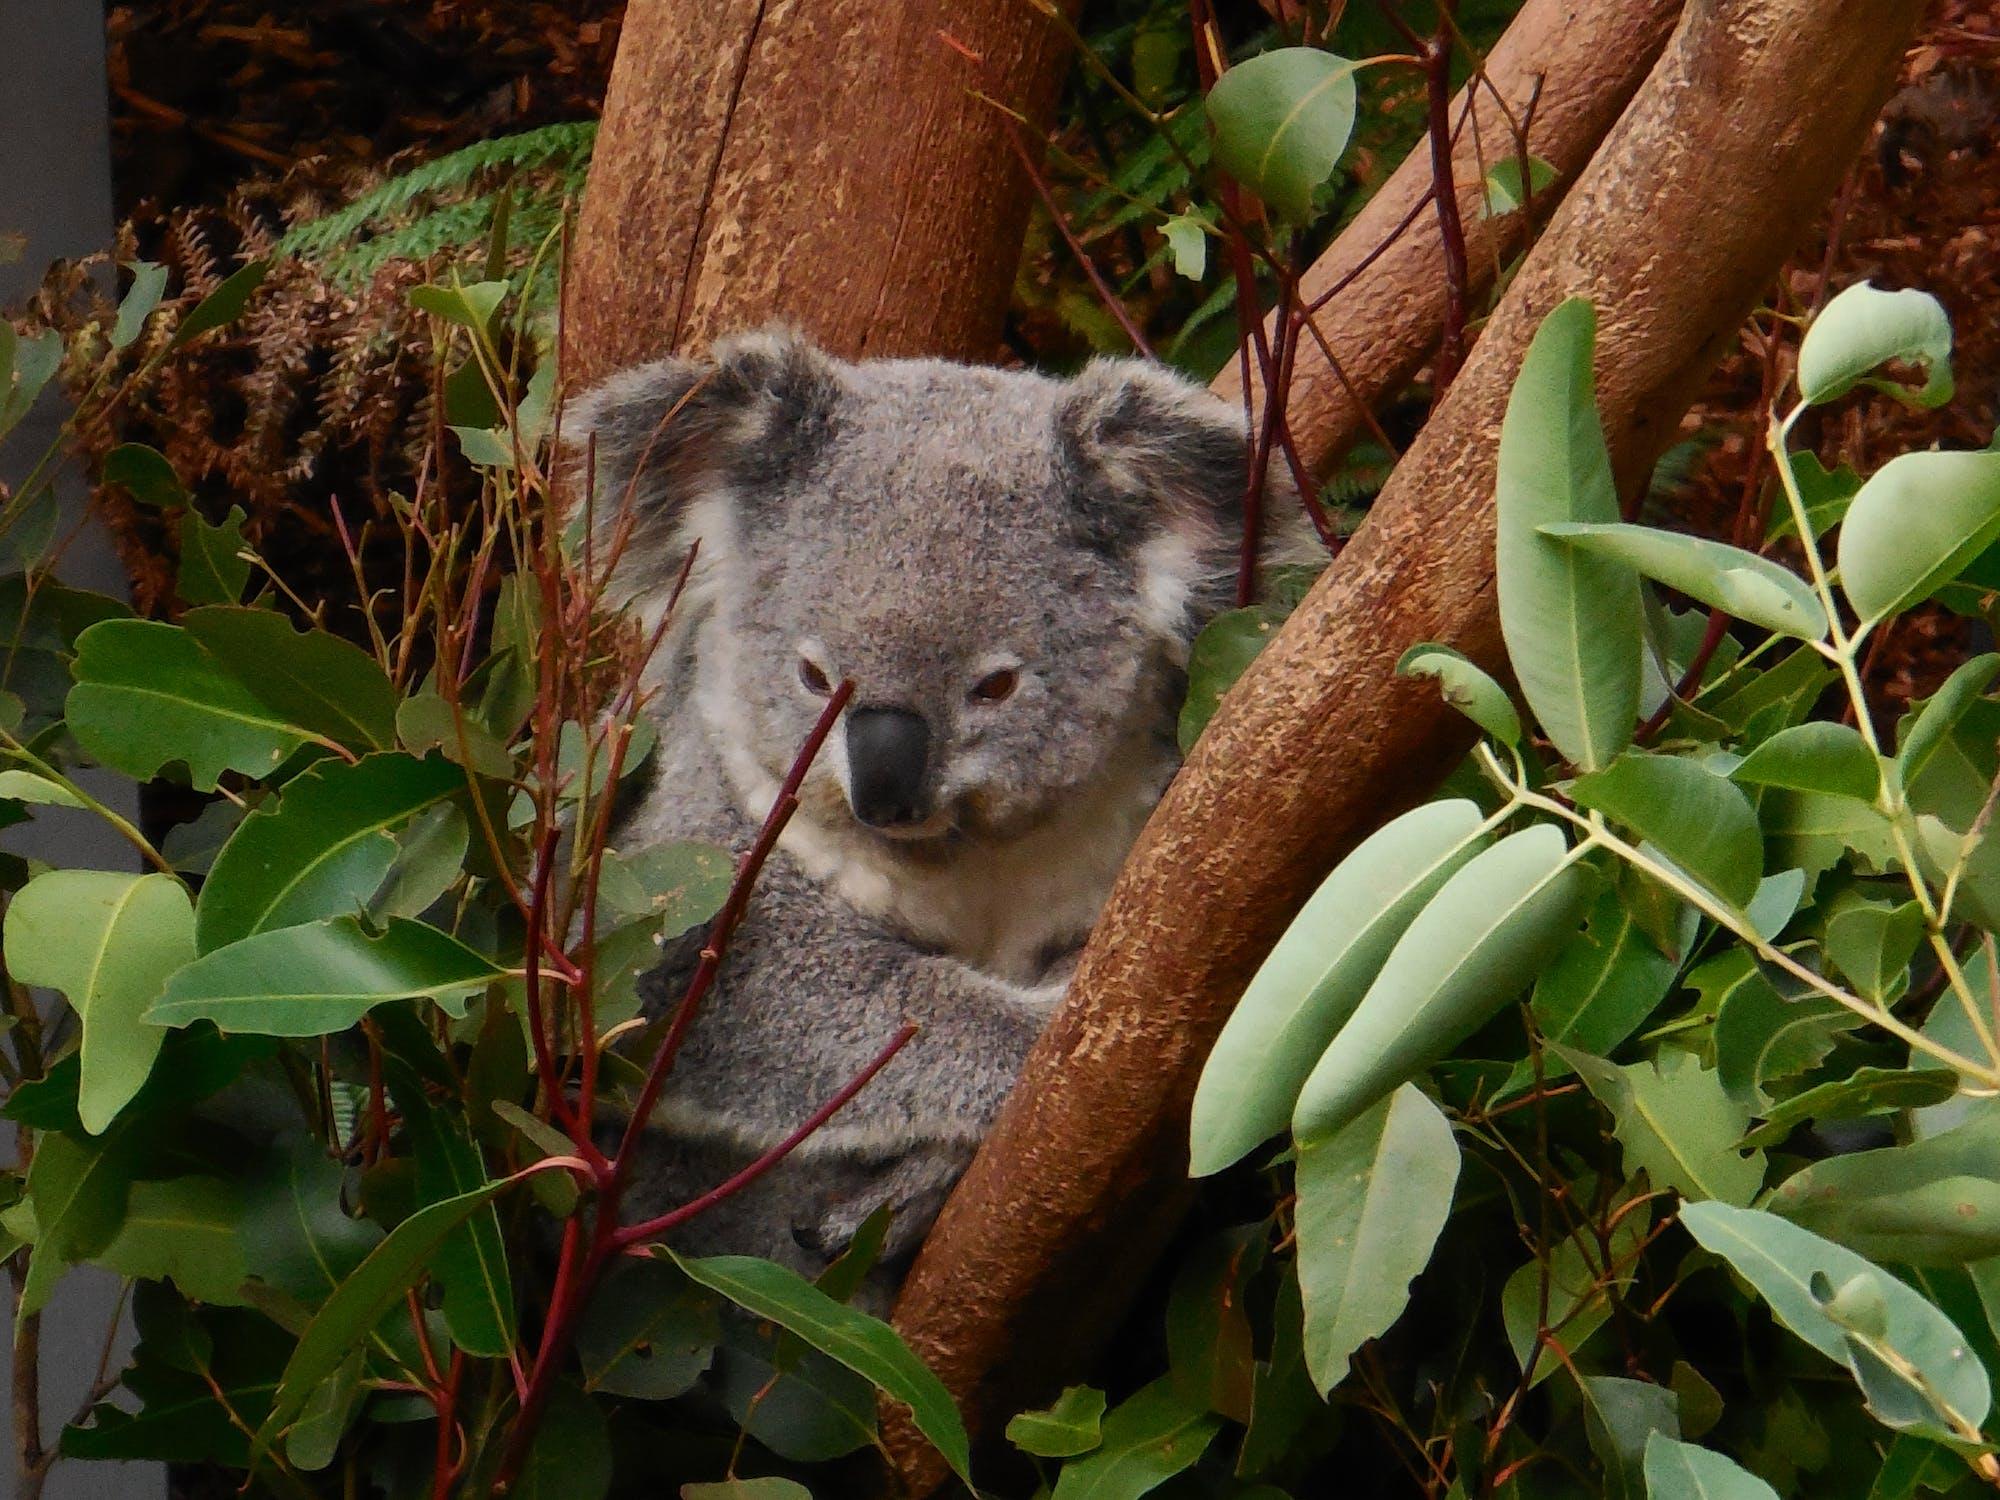 Australia's Koalas May Hit Endangered List